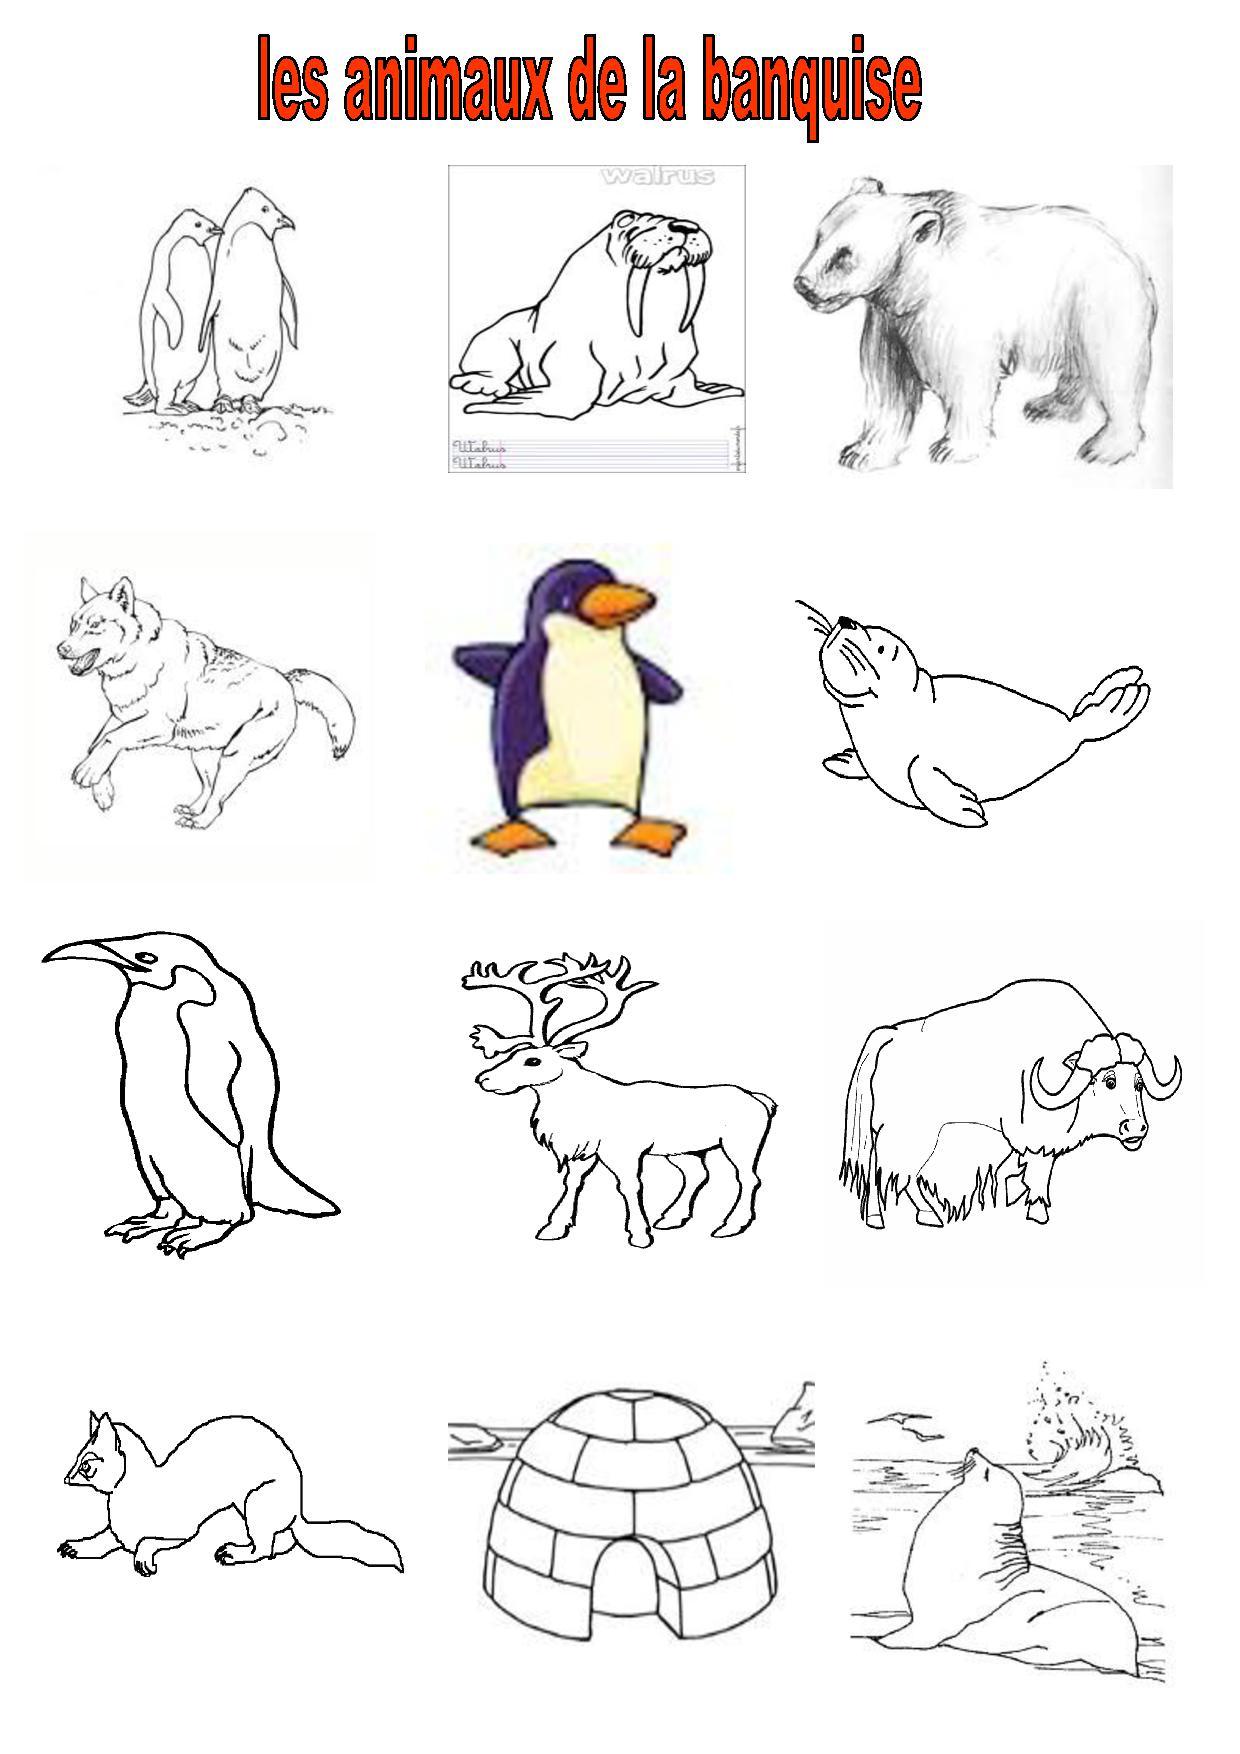 Les Animaux De La Banquise : animaux, banquise, Vocabulaire, 2,CE,CM2,, Imagiers,, Animaux, Banquise